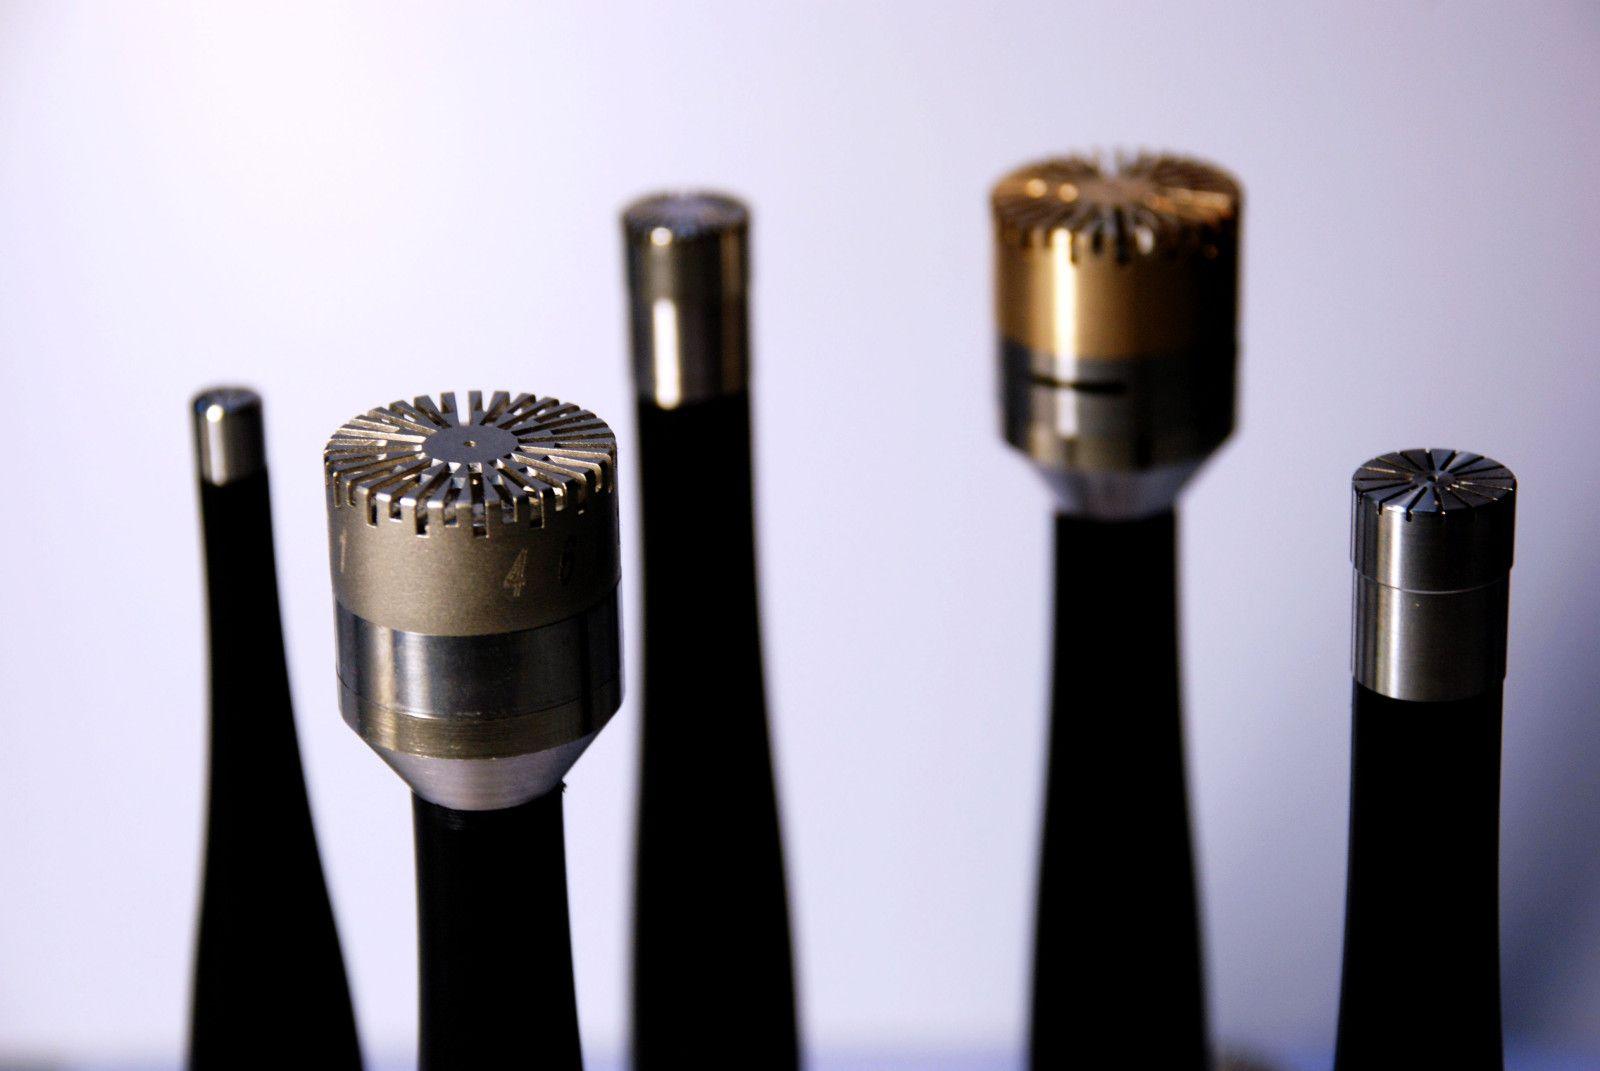 Echantillons de microphones MicW